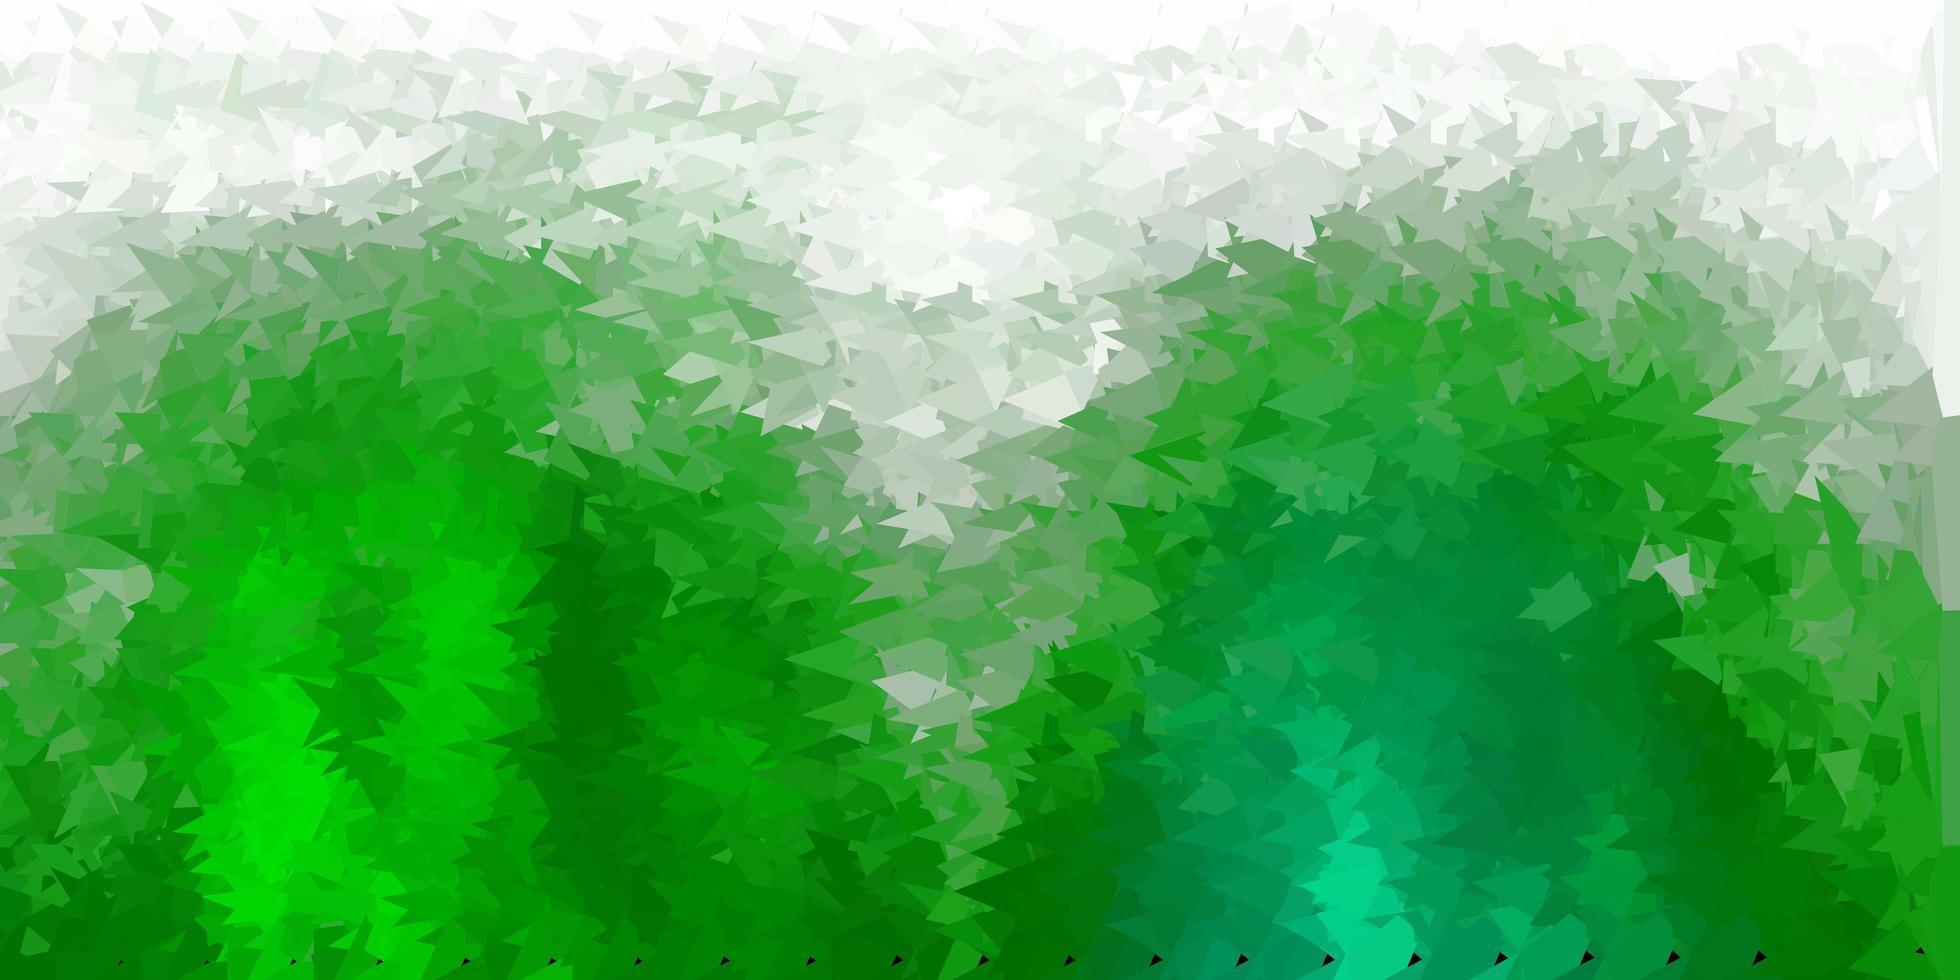 desenho de polígono gradiente de vetor verde escuro.